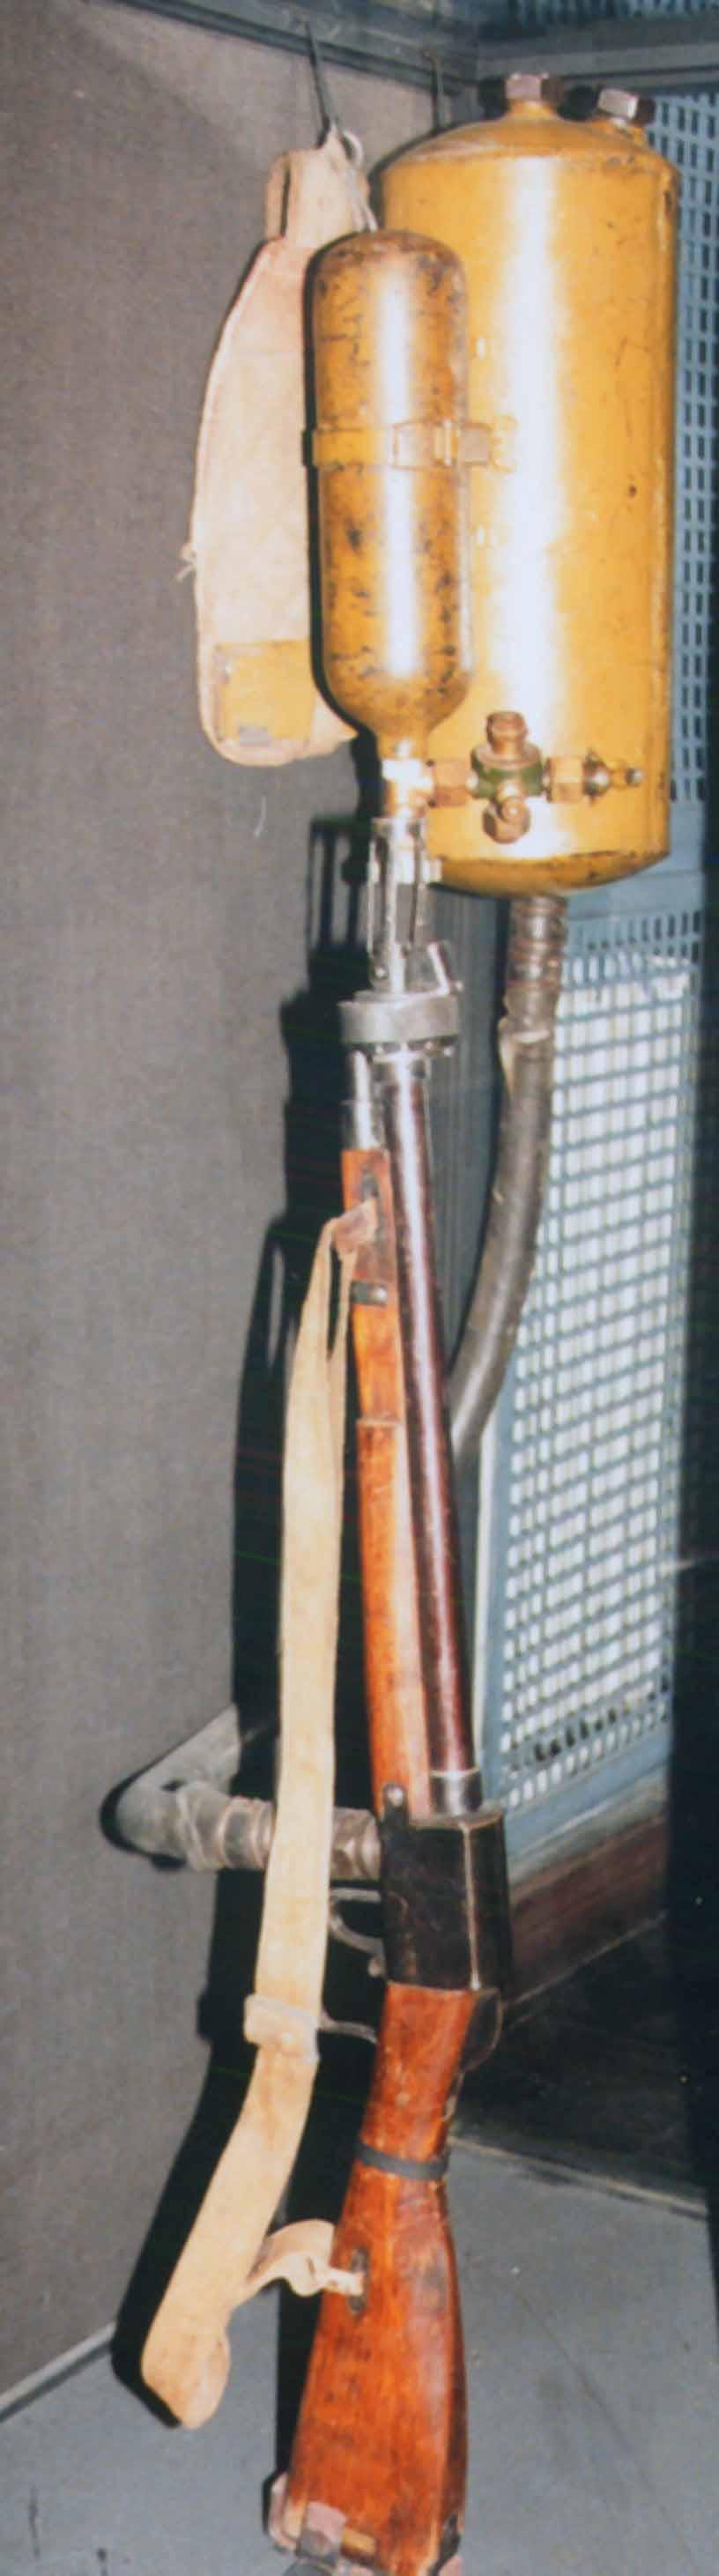 Plecakowy miotacz ognia ROKS-3